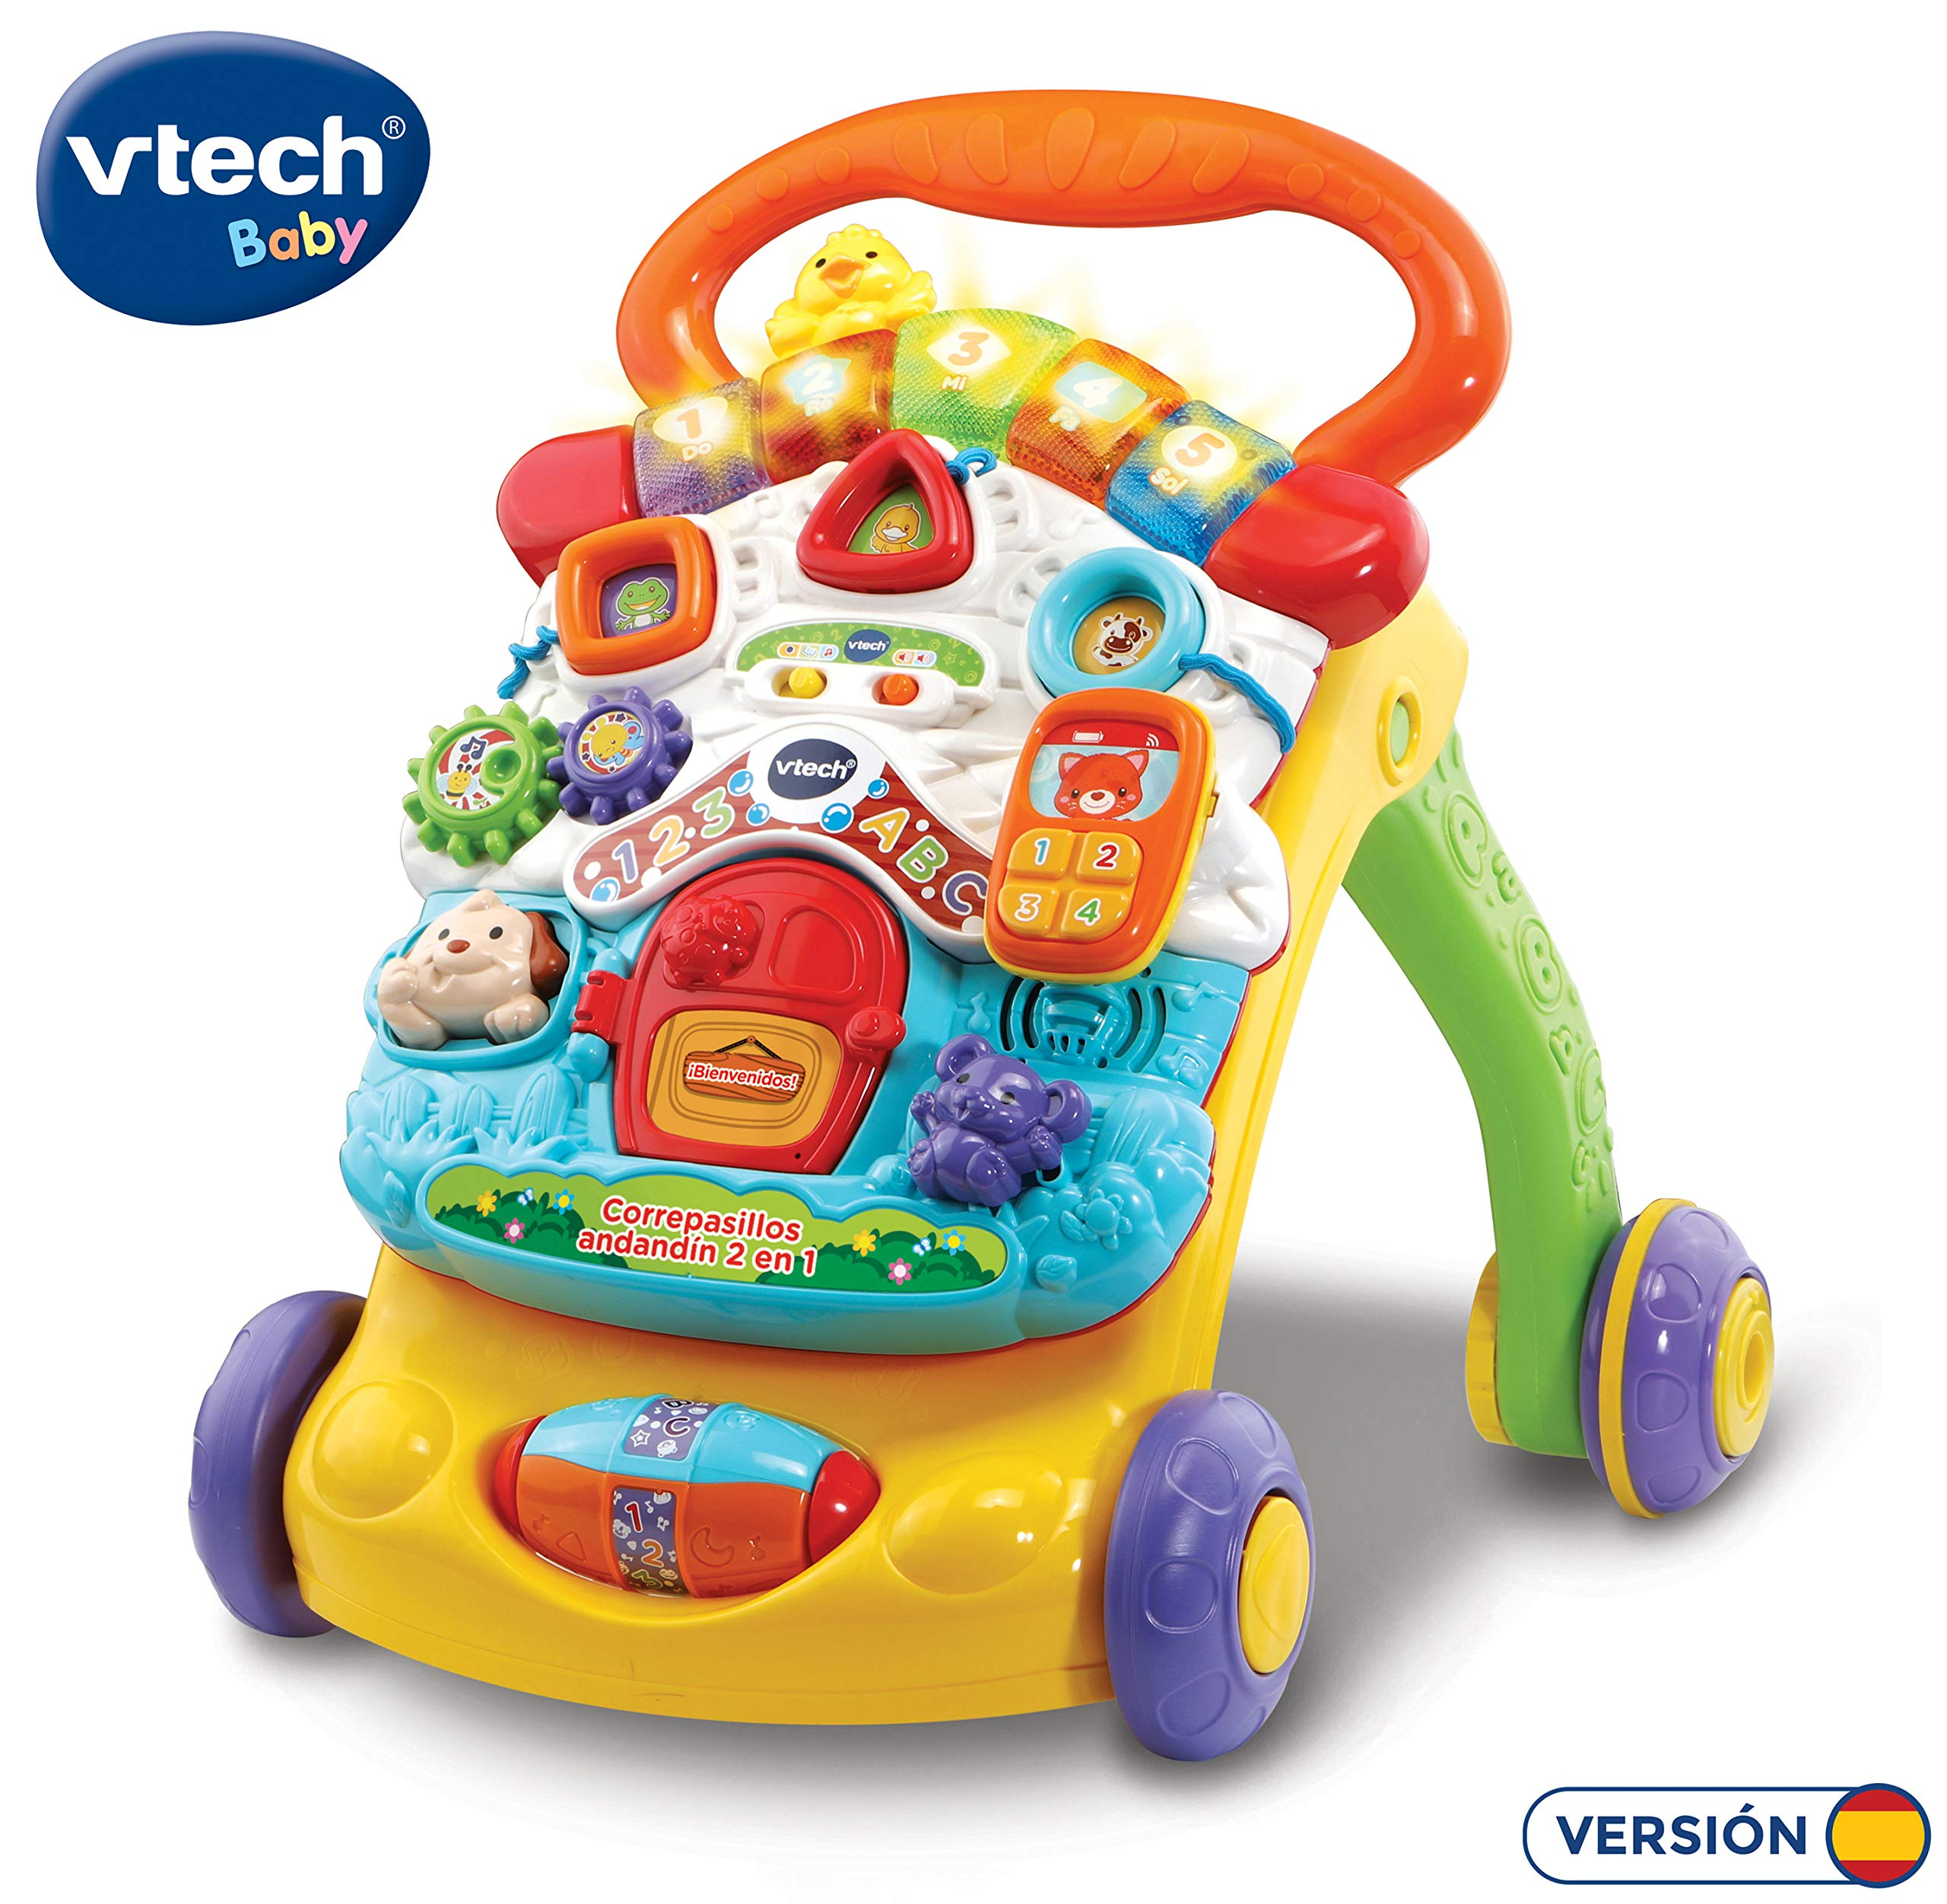 VTech – Correpasillos Andandín 2 en 1, Diseño Mejorado, Andador Bebé InTeractivo Plegable y Regulador de Velocidad…